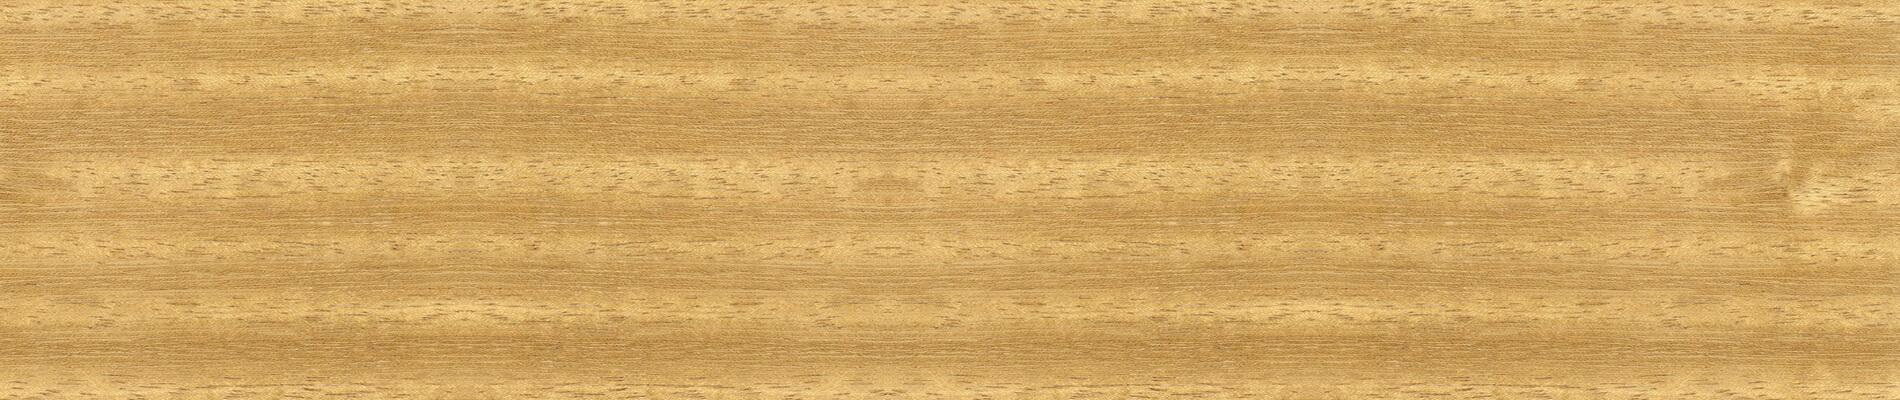 Essence de bois iroko bois exotiques essarbois for Essences de bois exotiques